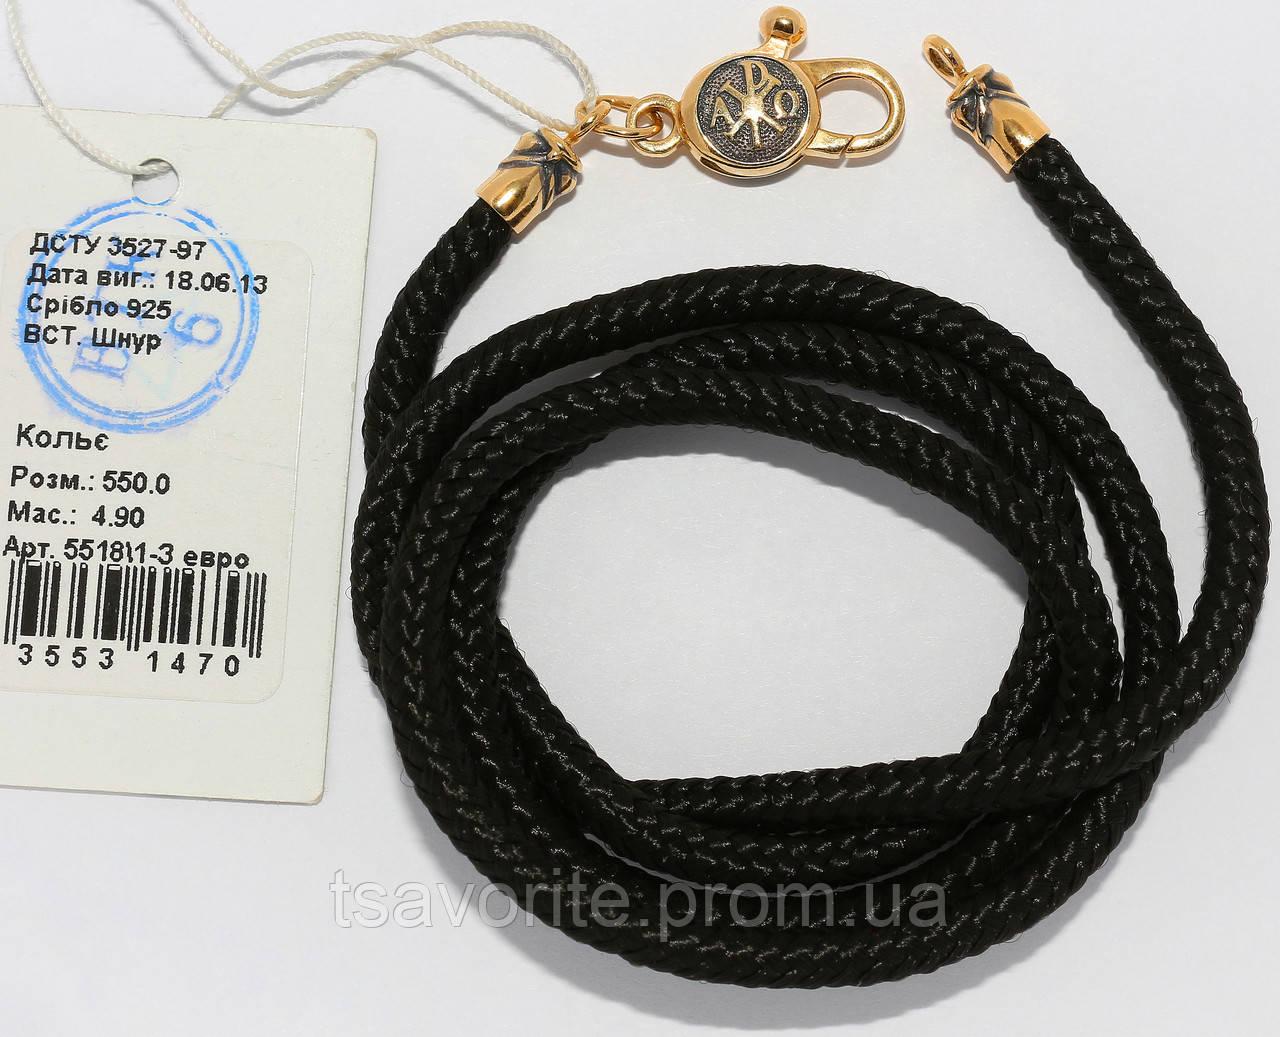 Серебряный позолоченный шнурок 5518\1-Зевро